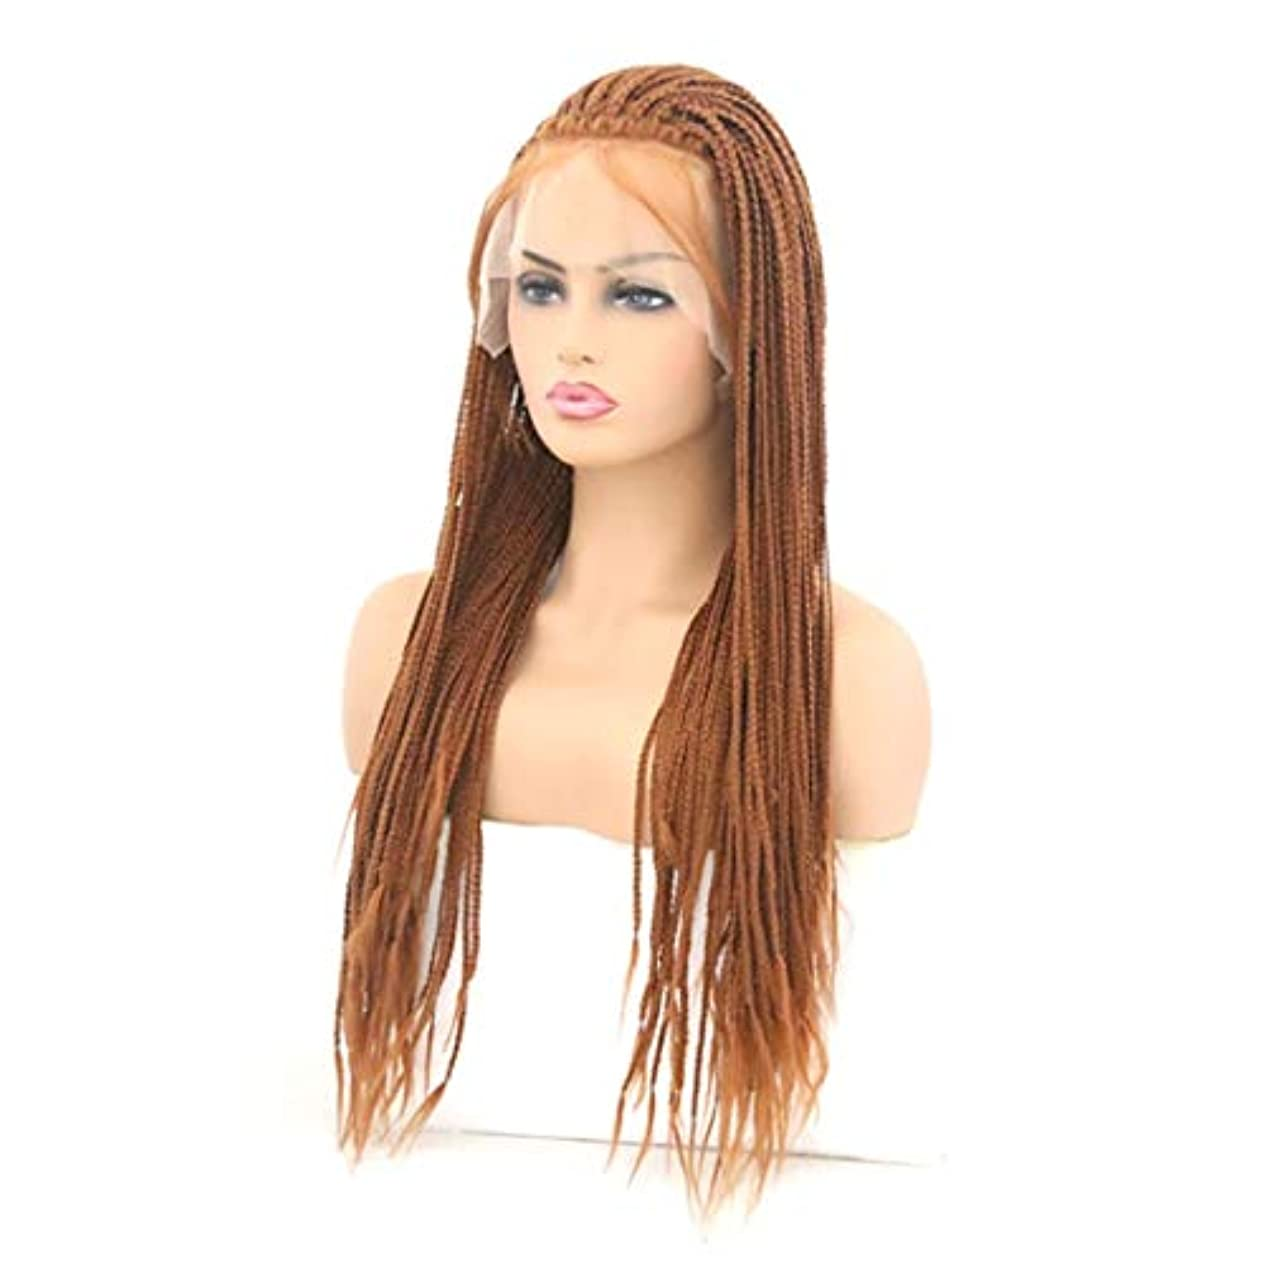 混沌パシフィックシリングSummerys かつら女性のための傾斜前髪ショートカーリーヘアーワインレッド高温シルクウィッグ